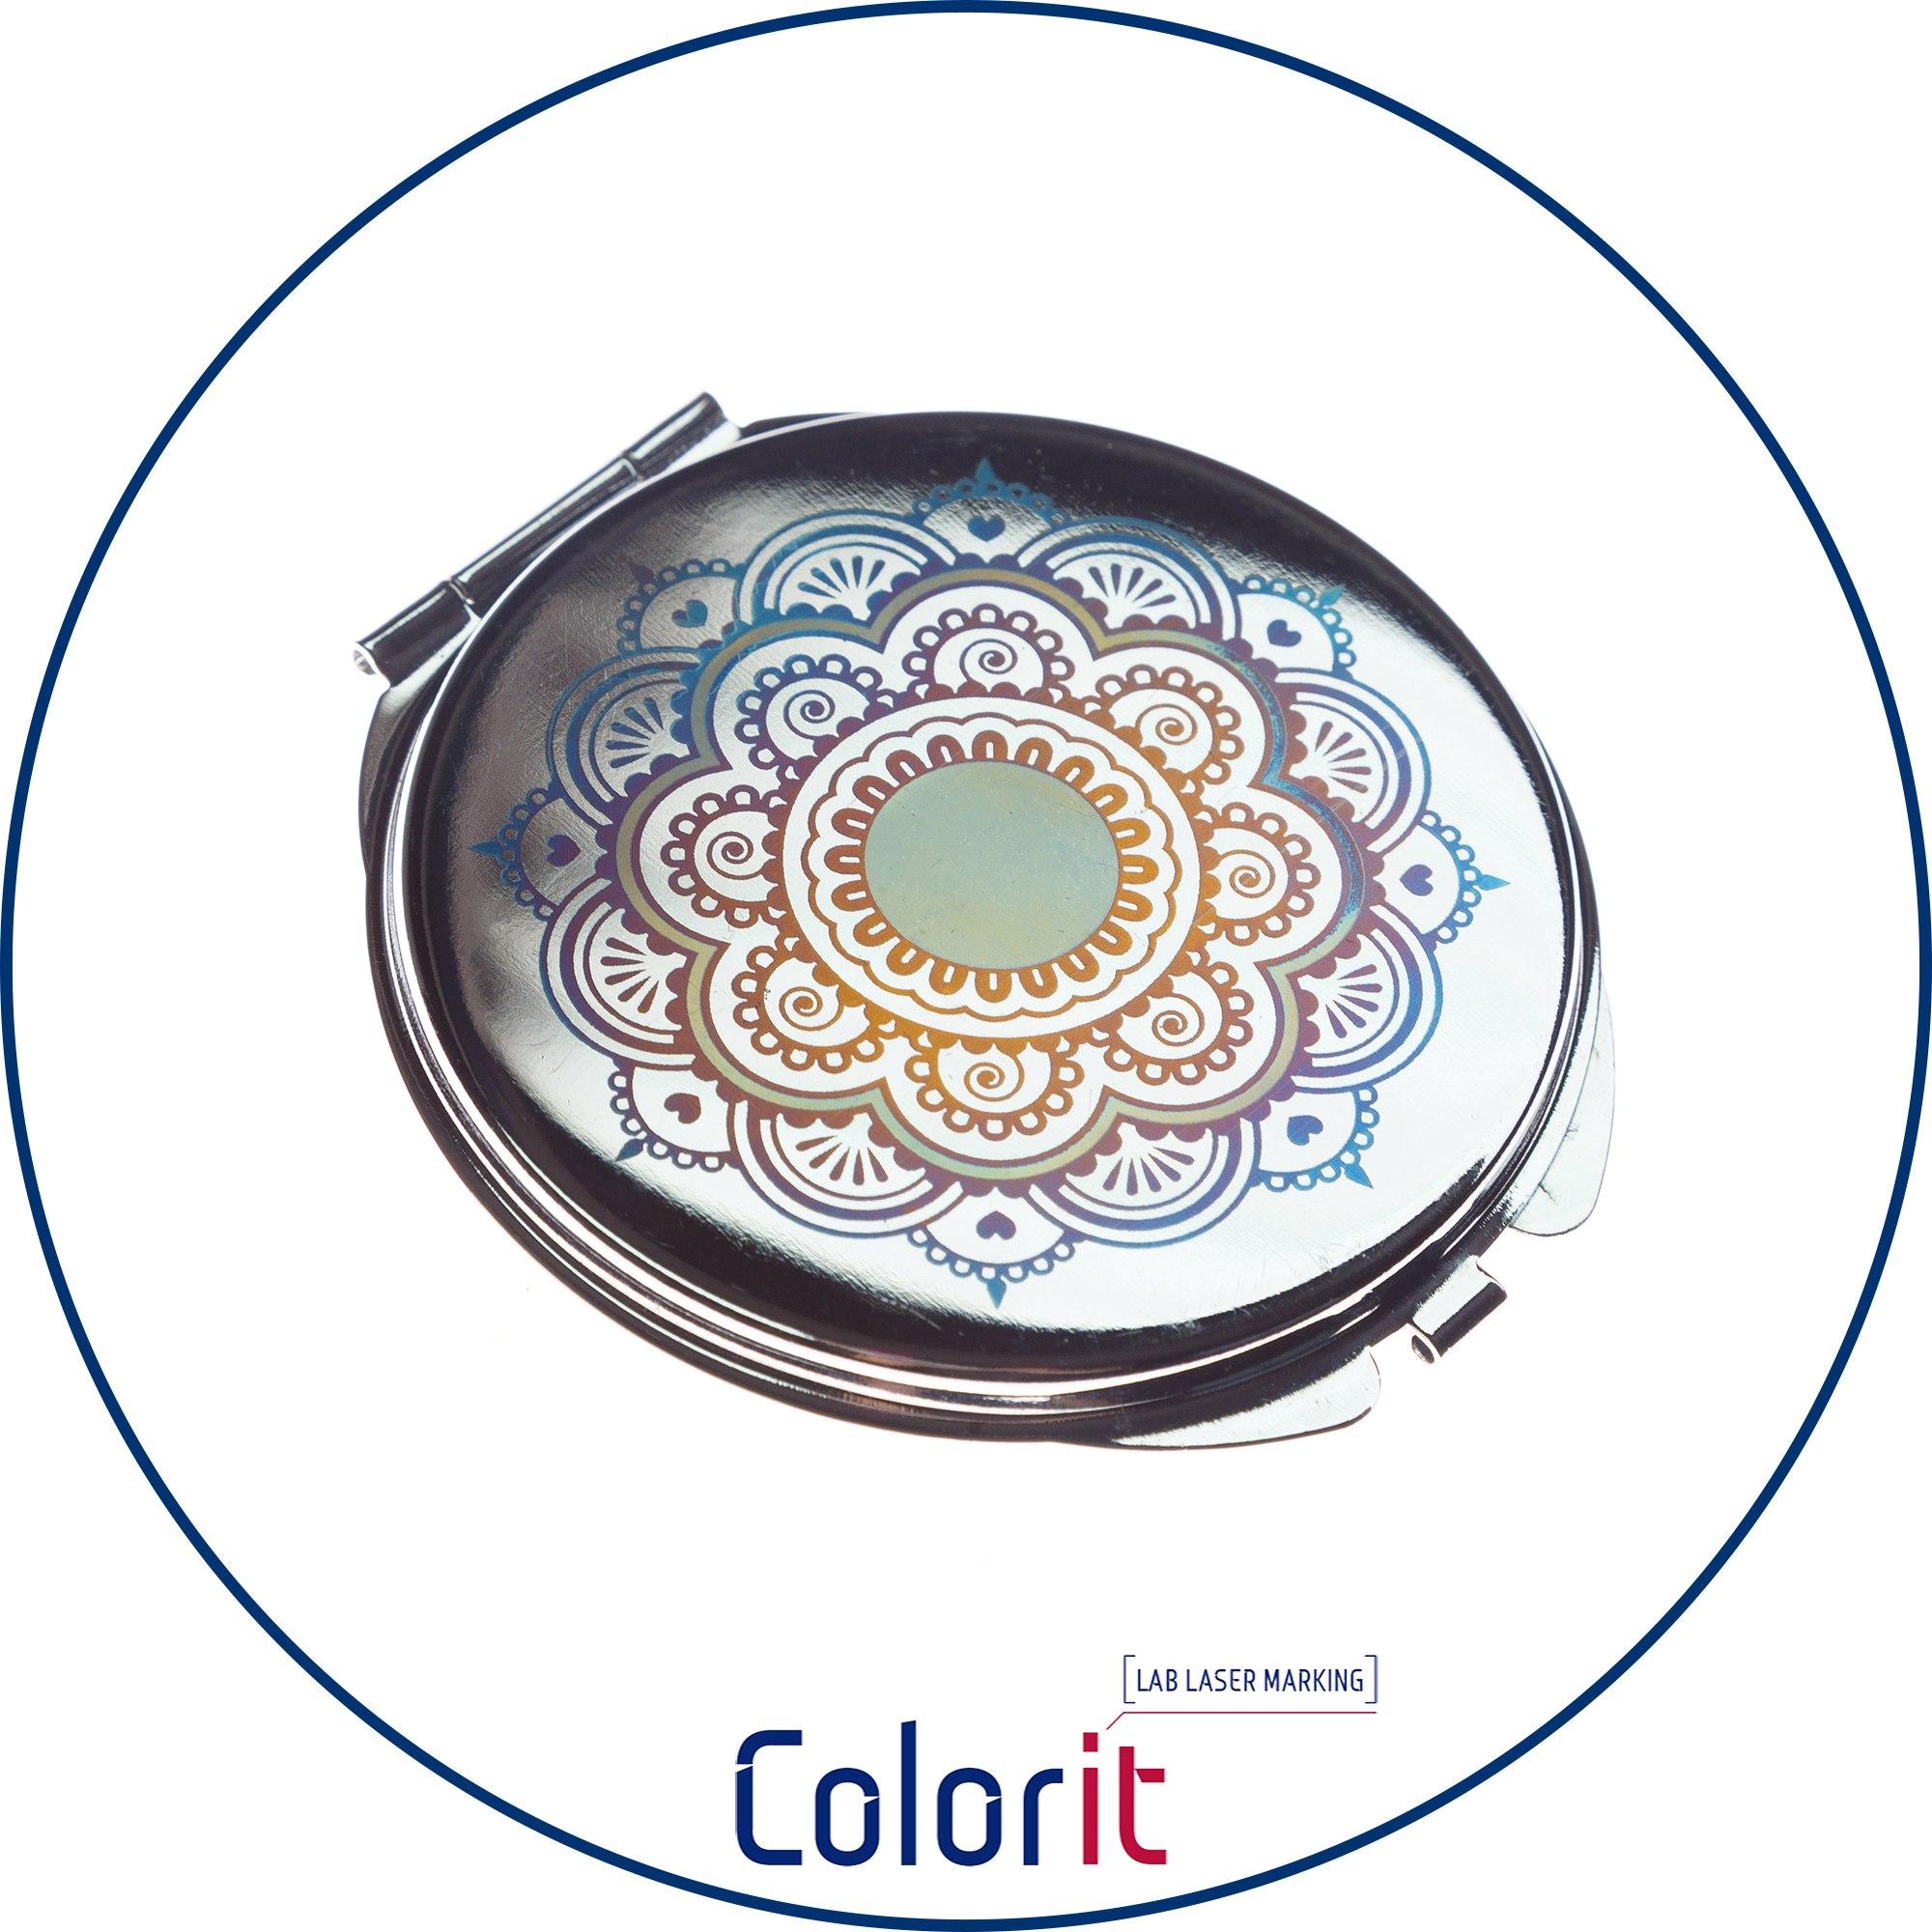 Технология ColorIt для цветной лазерной маркировки металлов